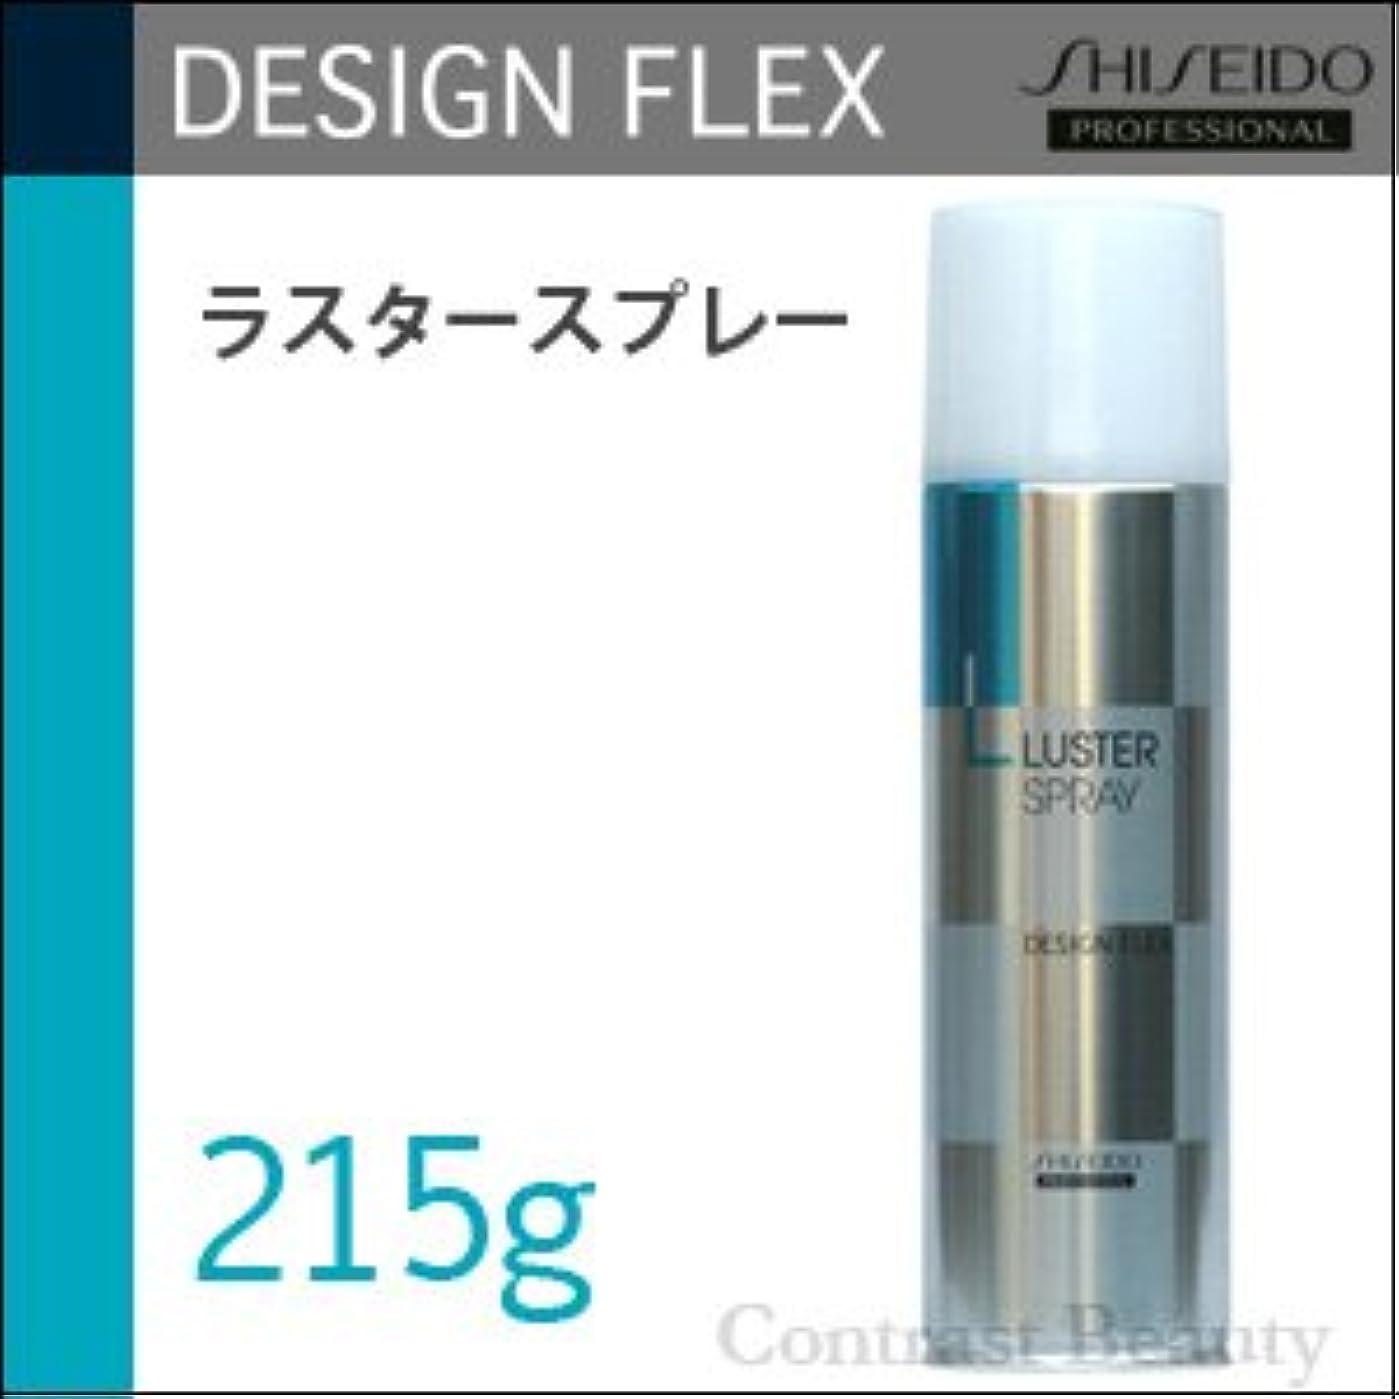 ありふれたピラミッド覚えている【x2個セット】 資生堂 デザインフレックス ラスタースプレー 215g